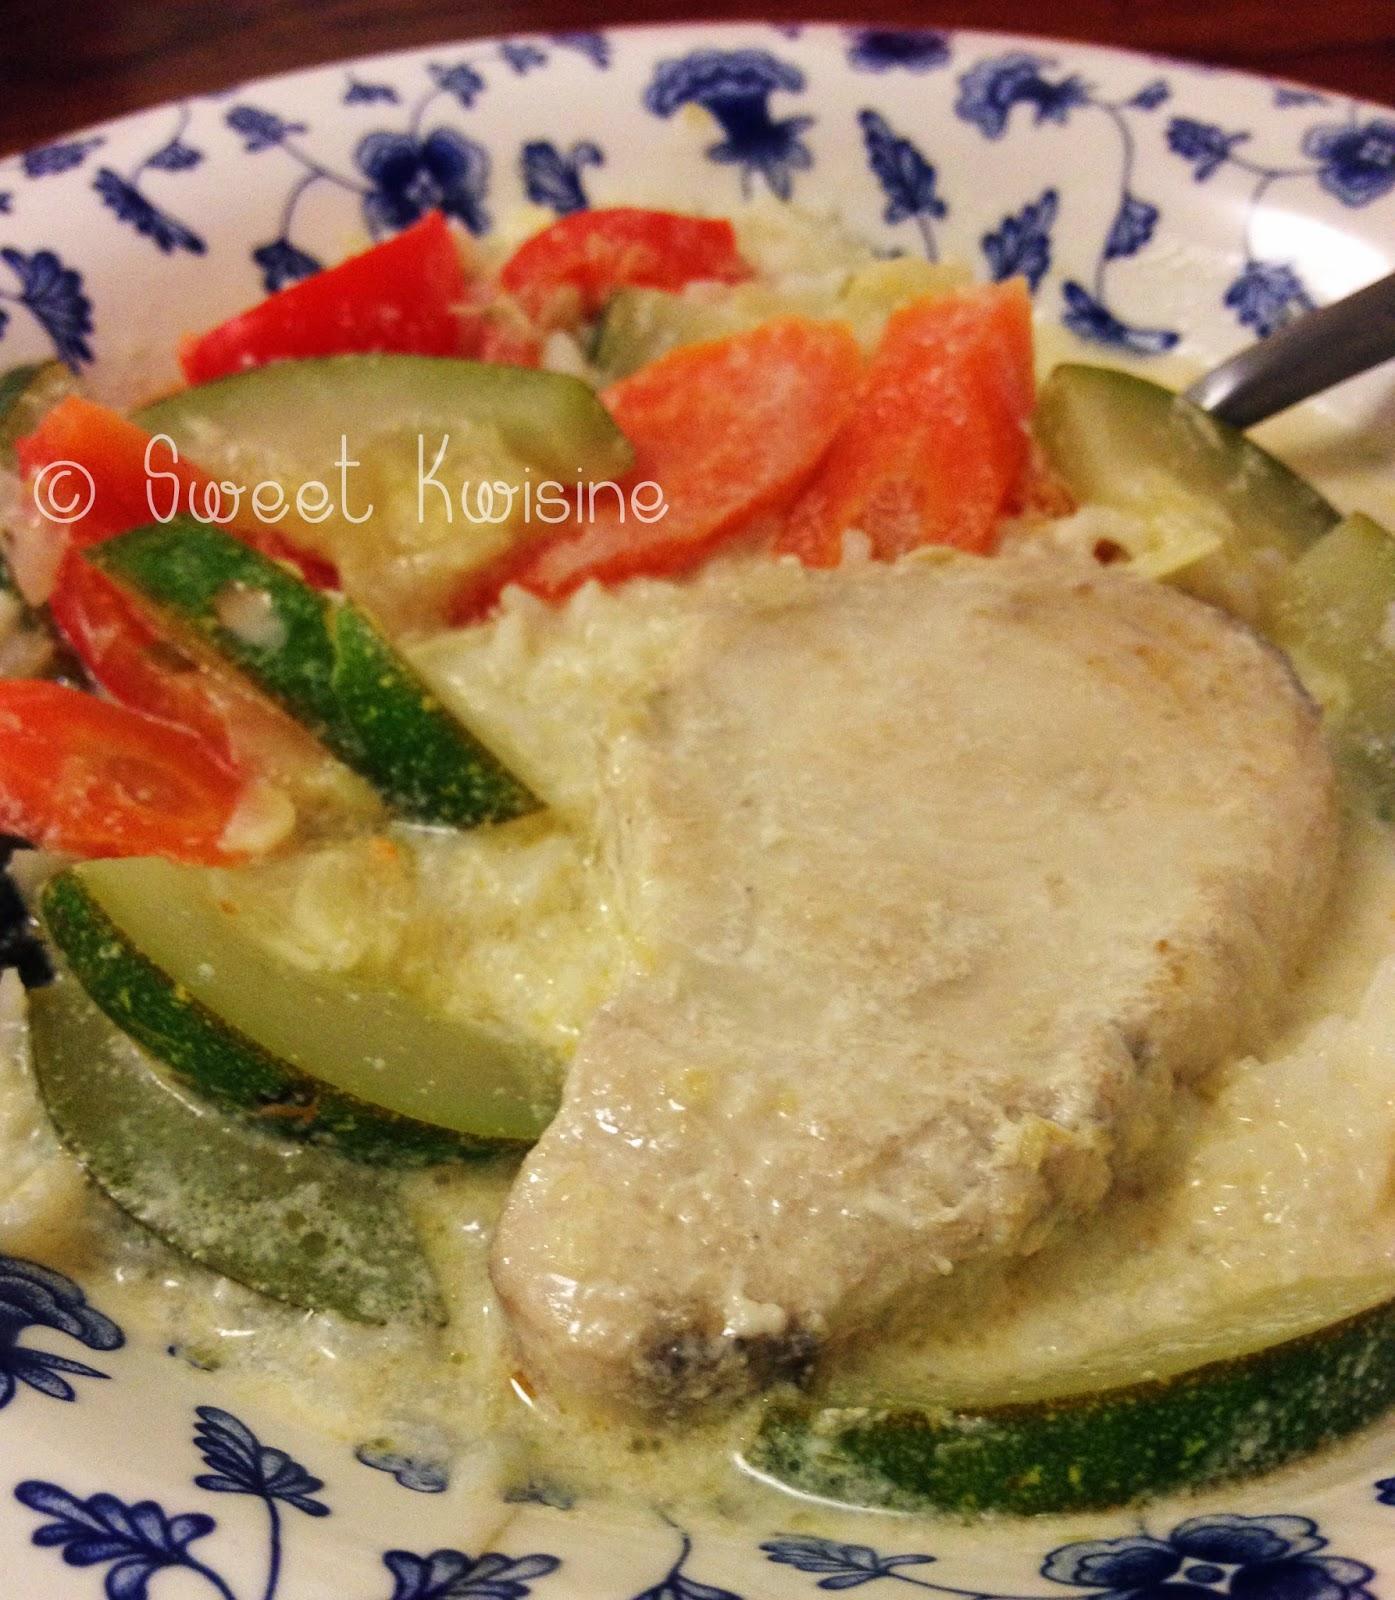 sweet kwisine, poisson, blanquette, lait de coco, Laurent mariotte,cuisine asiatique, citron, légumes,